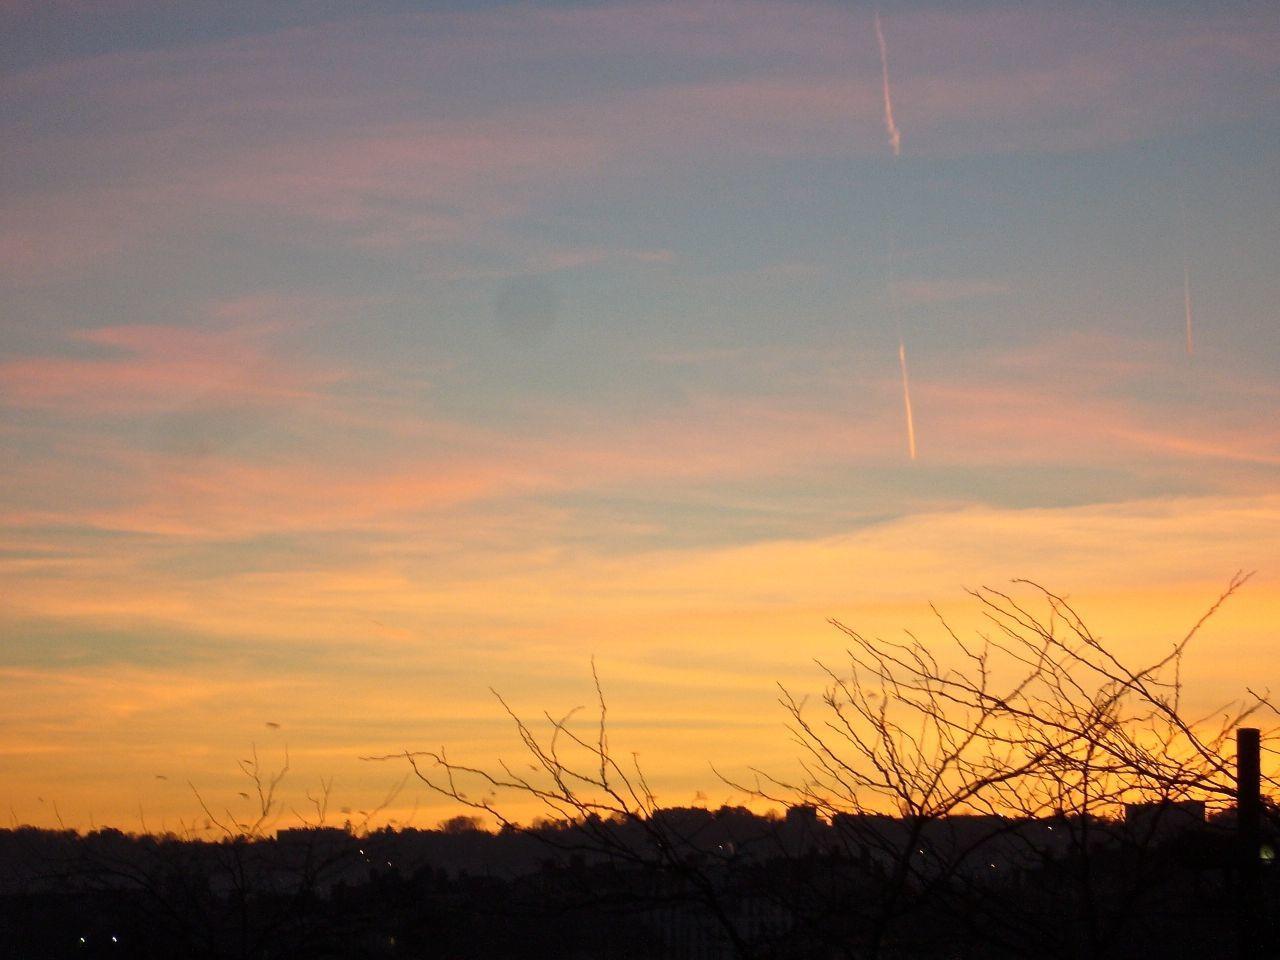 Lundi soleil # 27